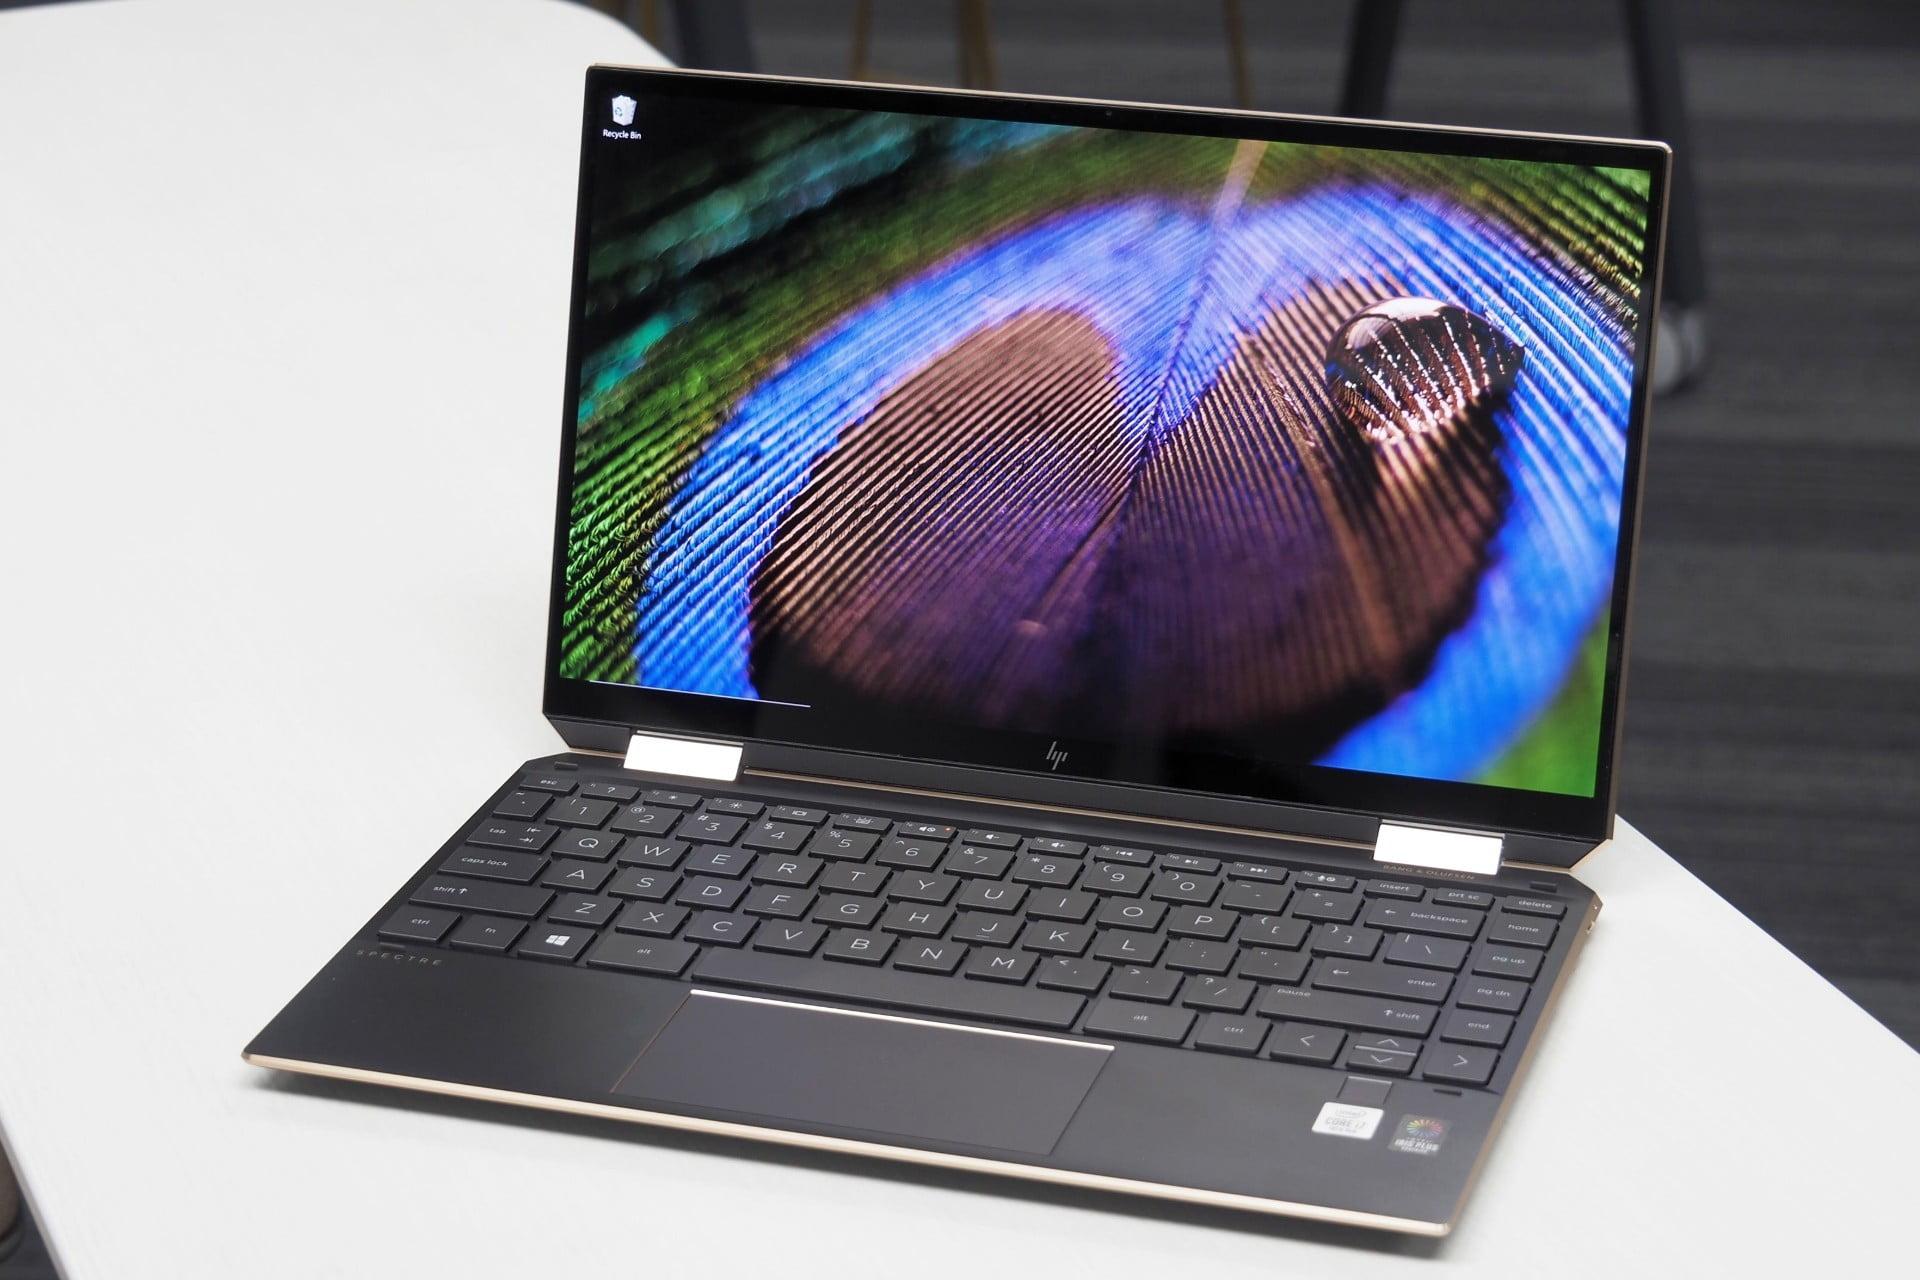 HP Specter x360 notebook open